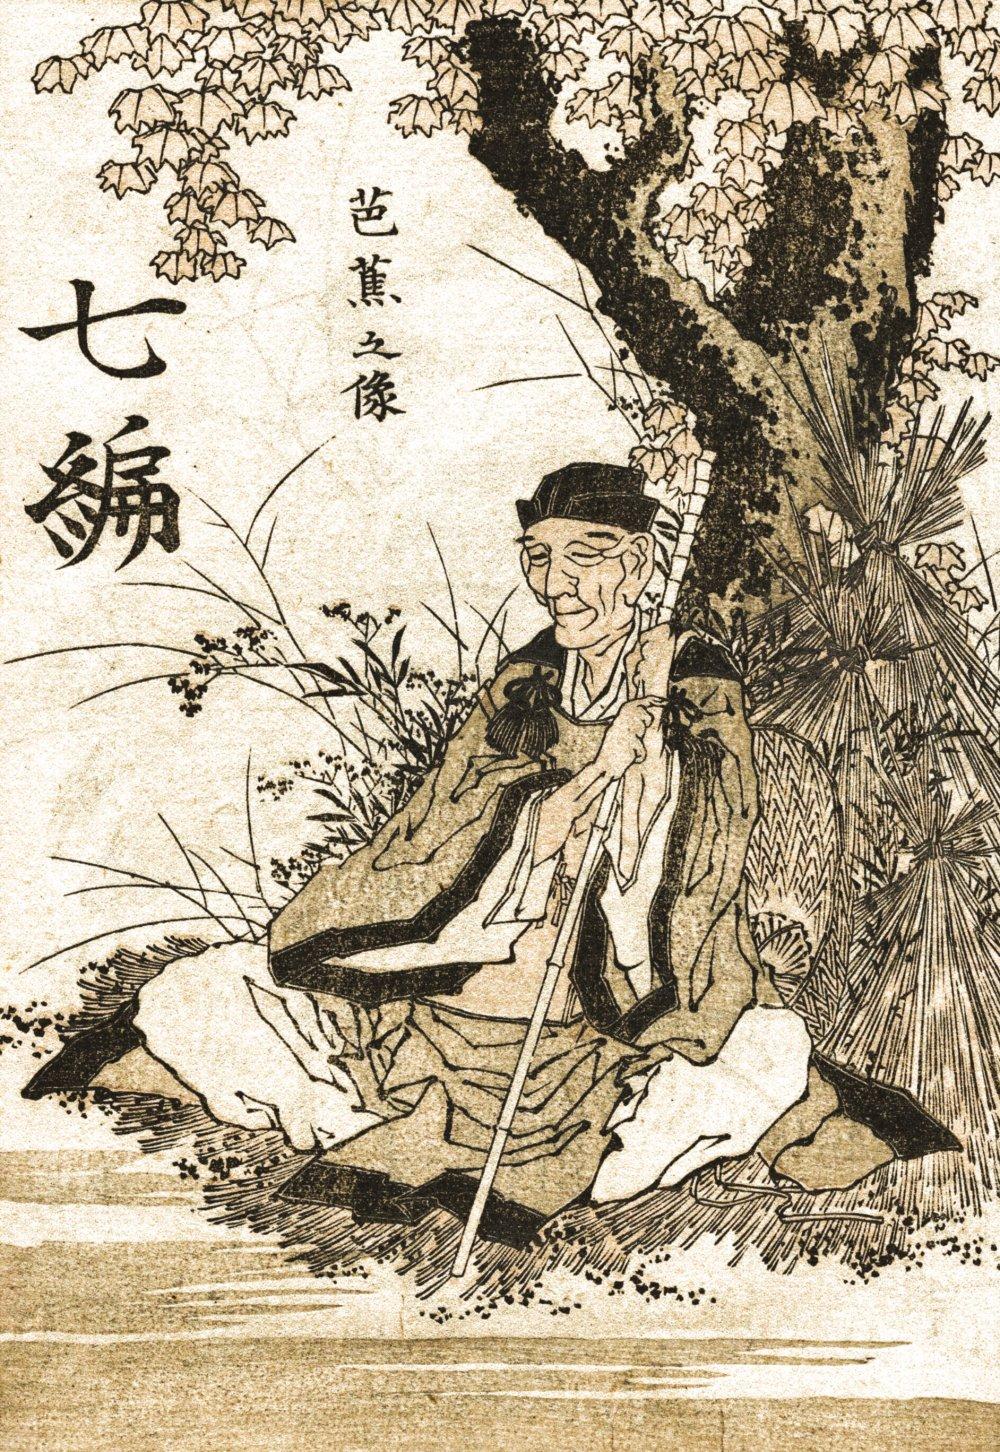 basho_by_hokusai-small